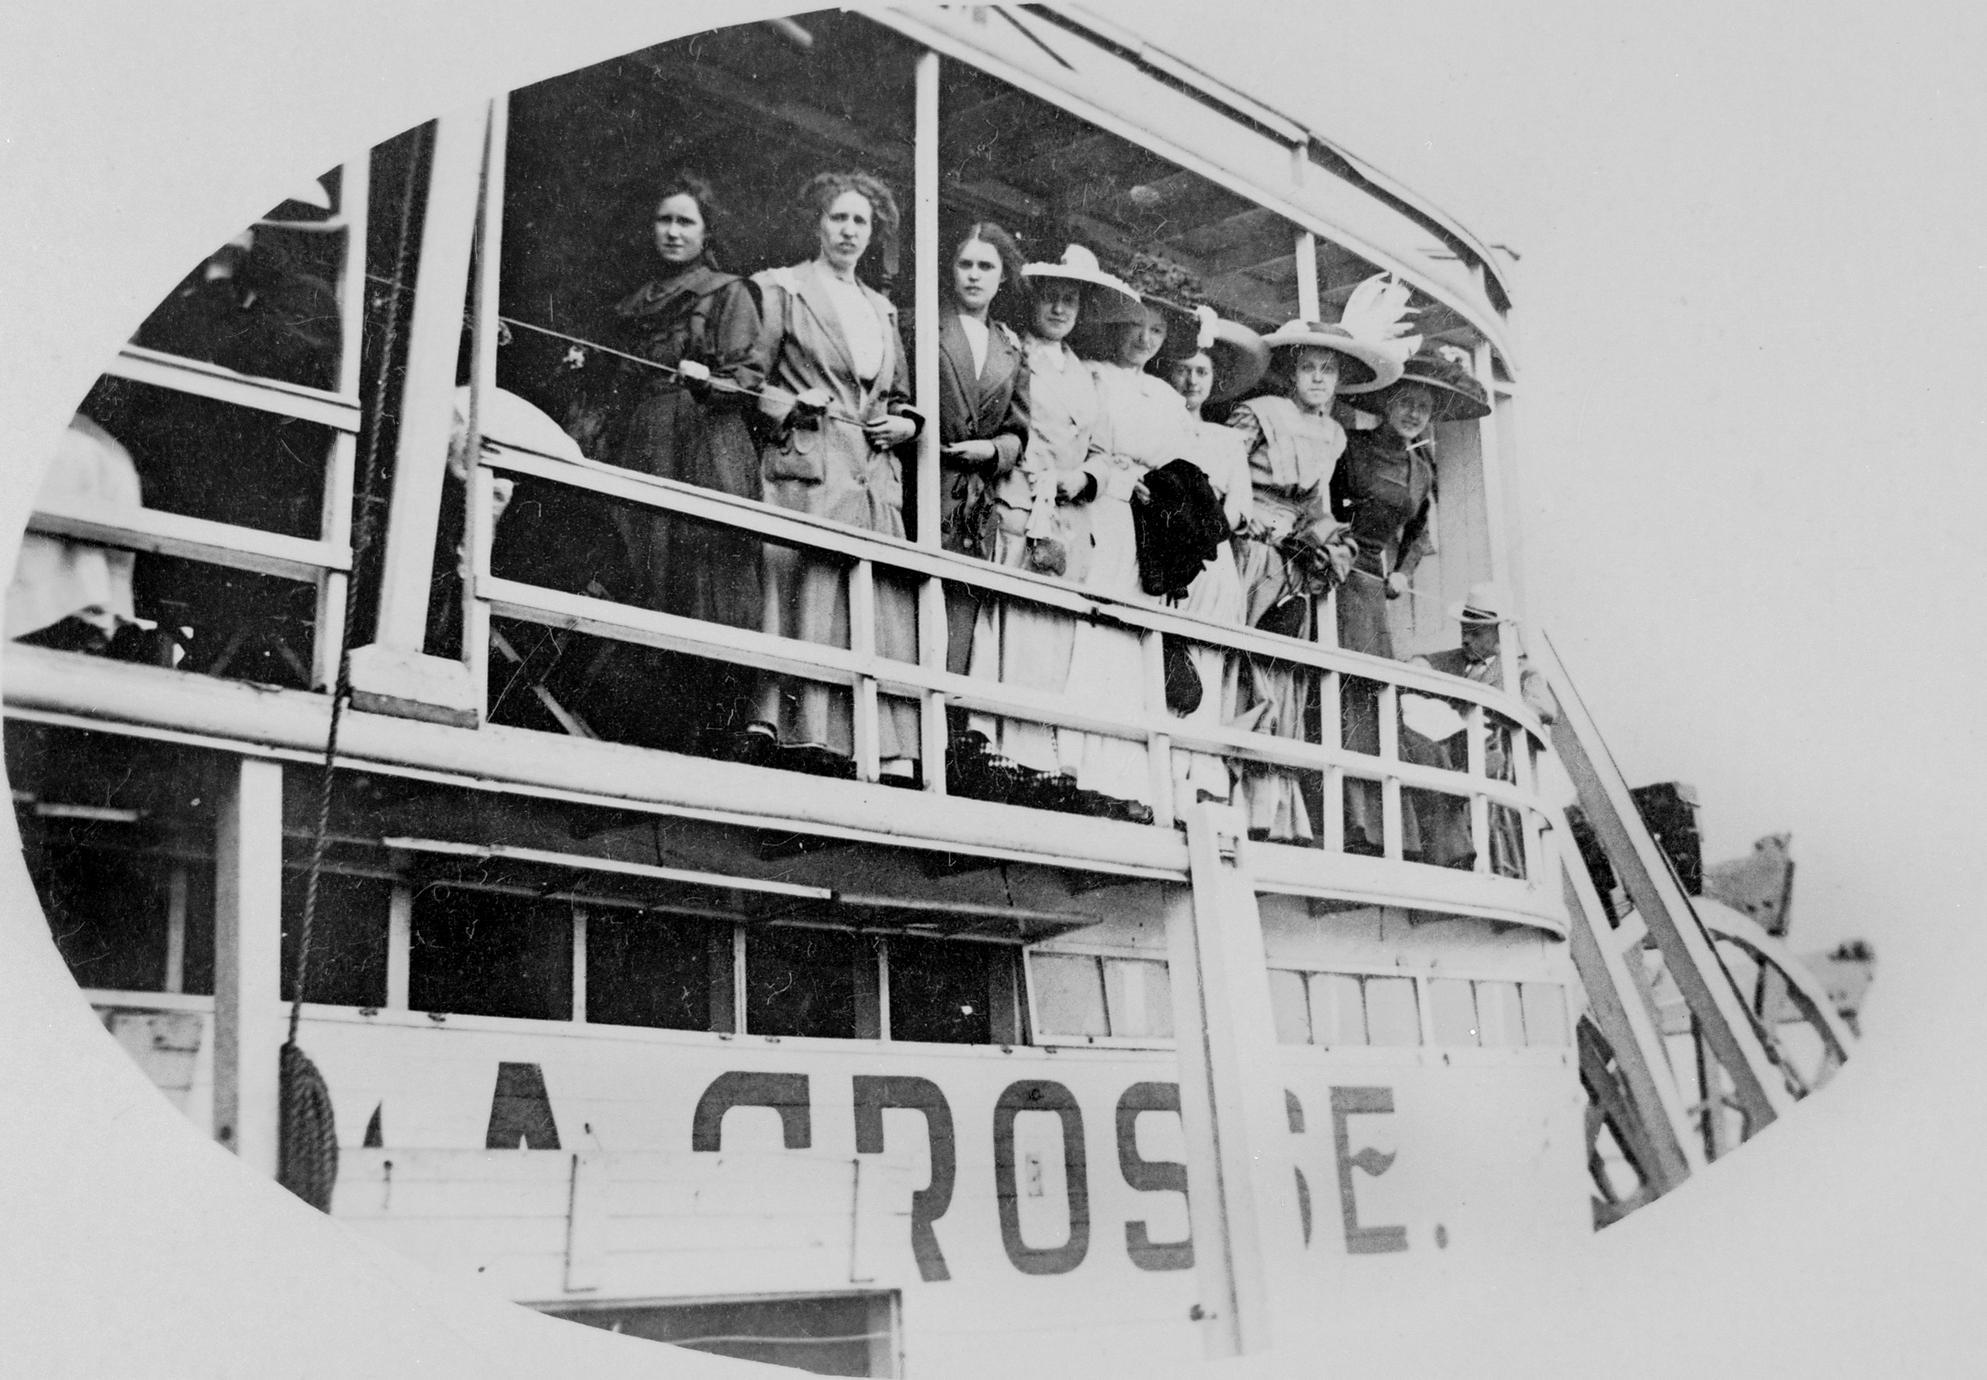 La Crosse (Packet, 1907-1914)